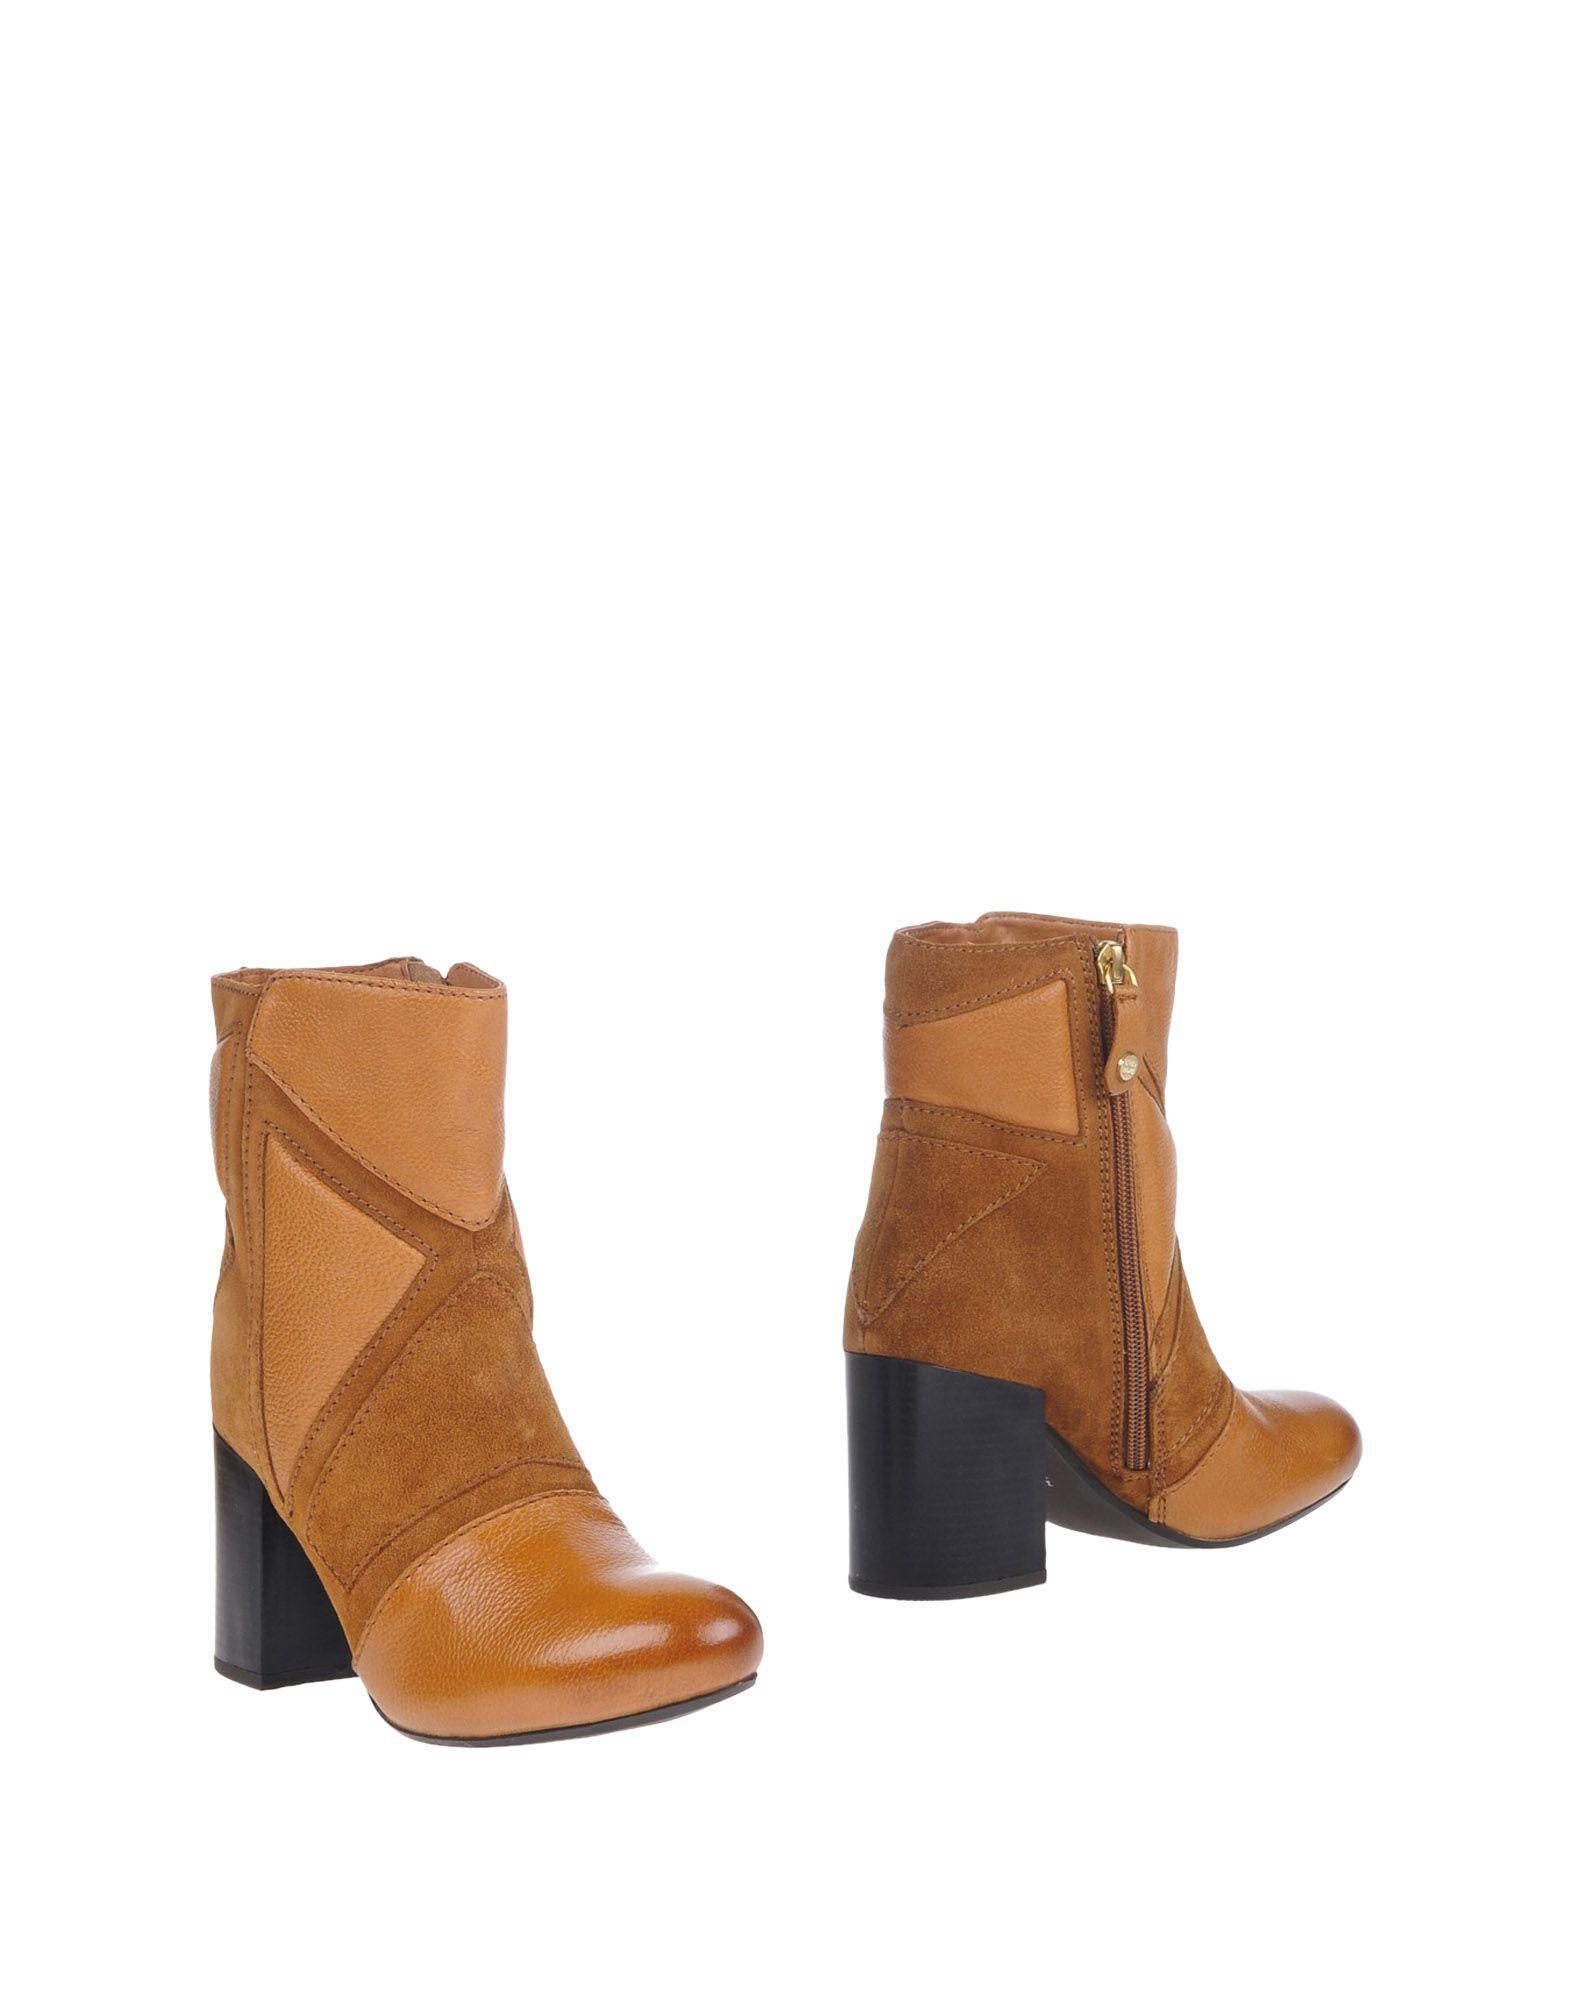 Gioseppo Stiefelette Damen Damen Stiefelette  11223287QA Gute Qualität beliebte Schuhe aa6ab4